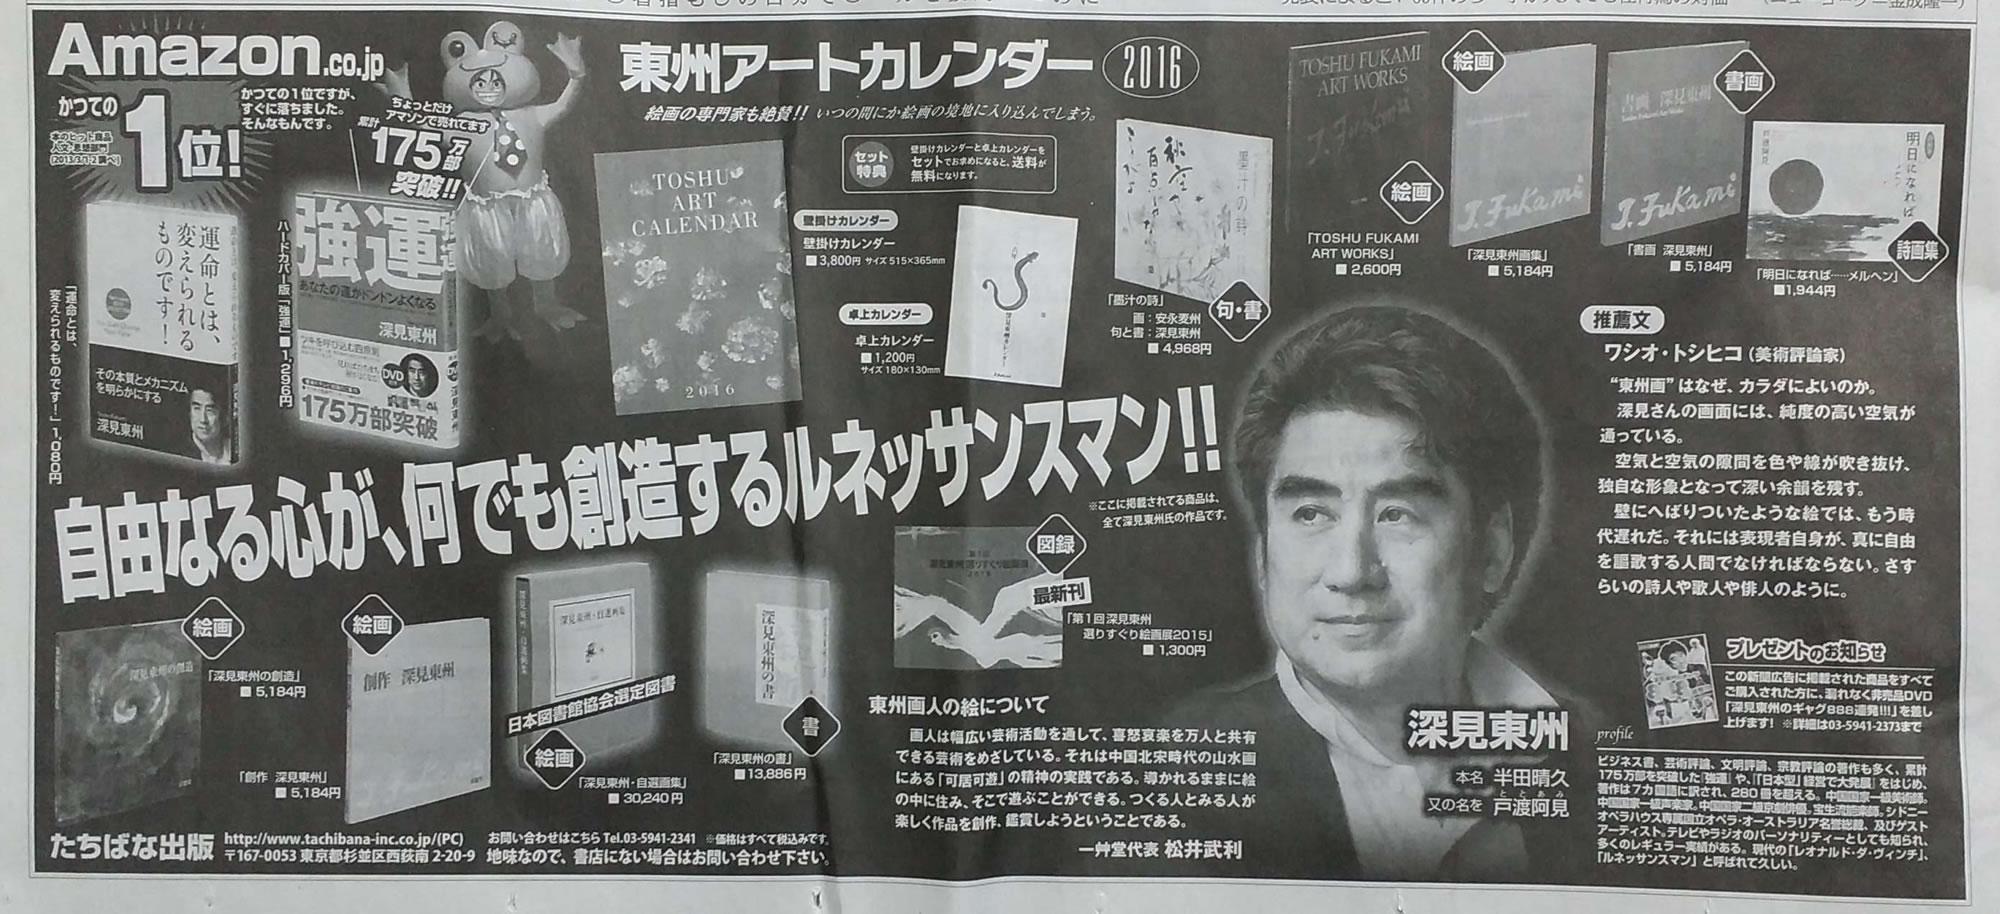 朝日新聞に、たちばな出版広告「...